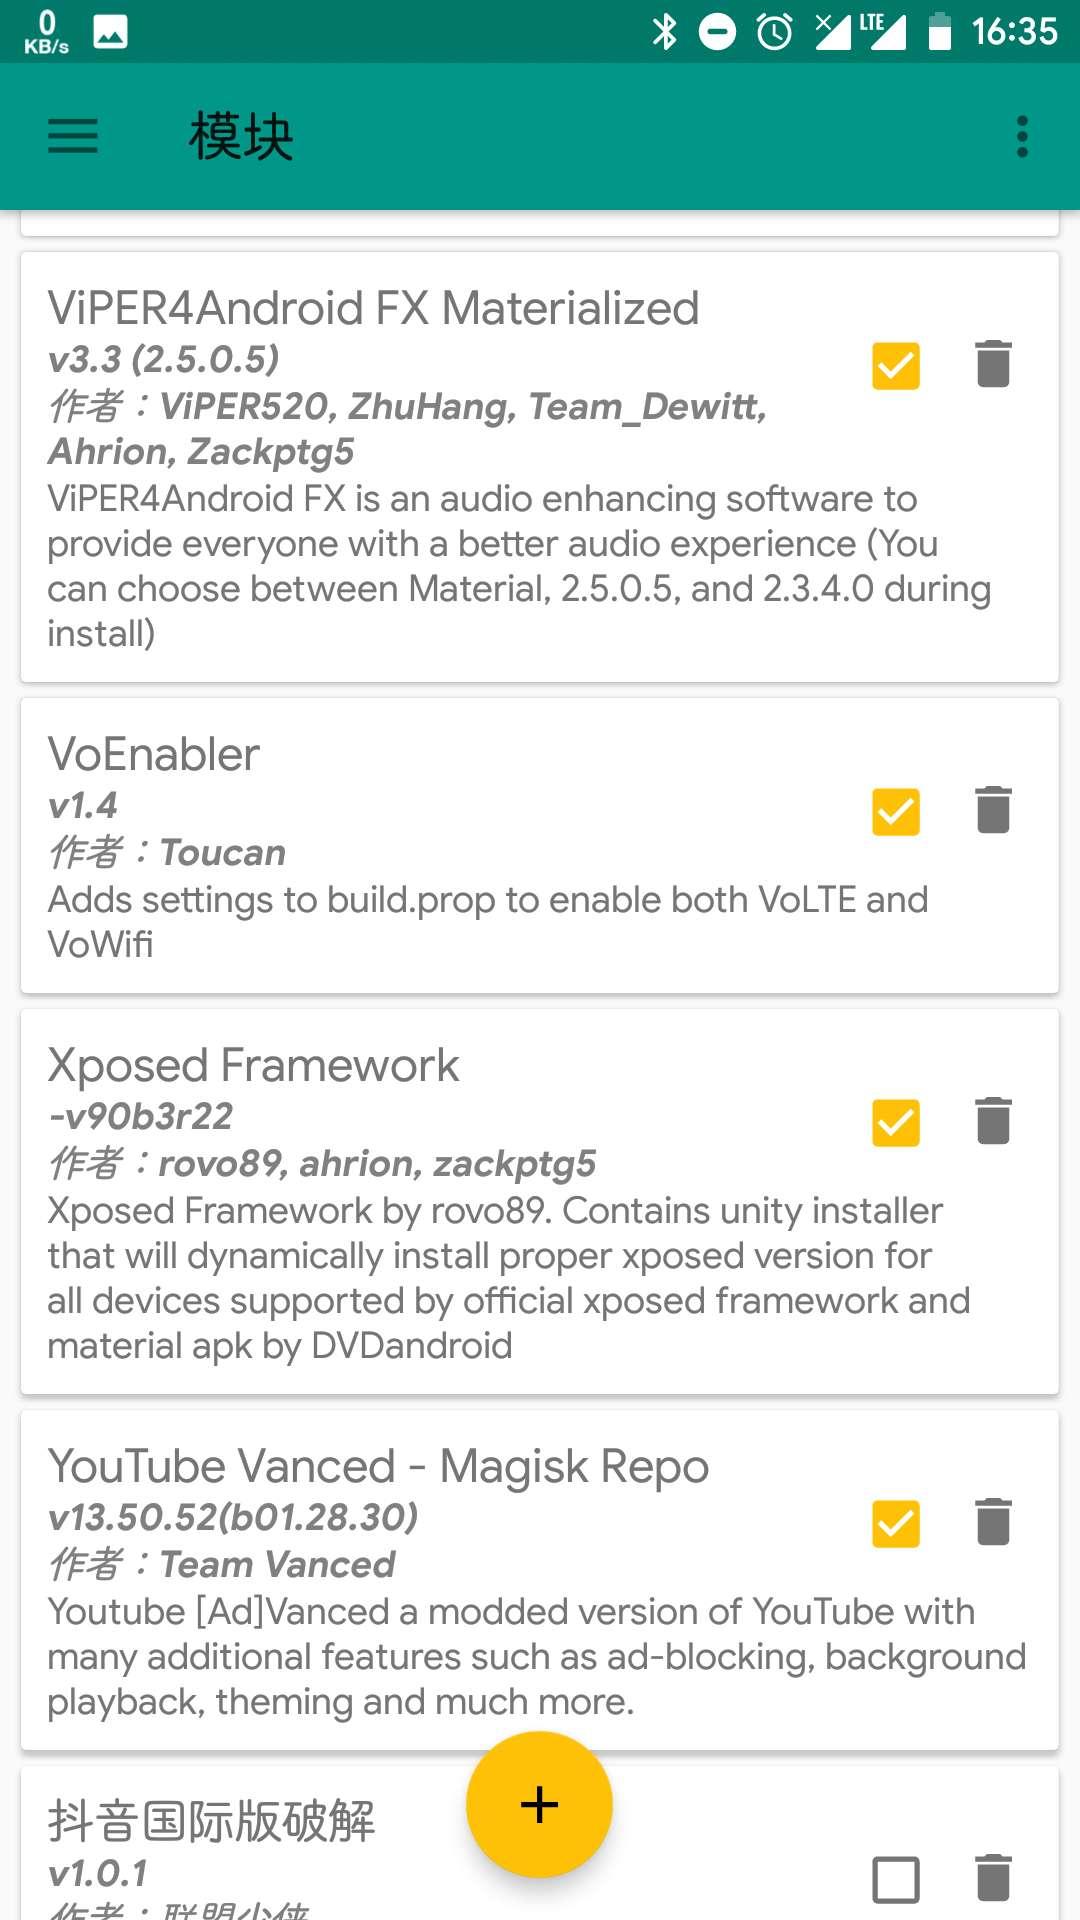 一加5 lineageOS android8 1 激活后仍然显示未激活· Issue #52